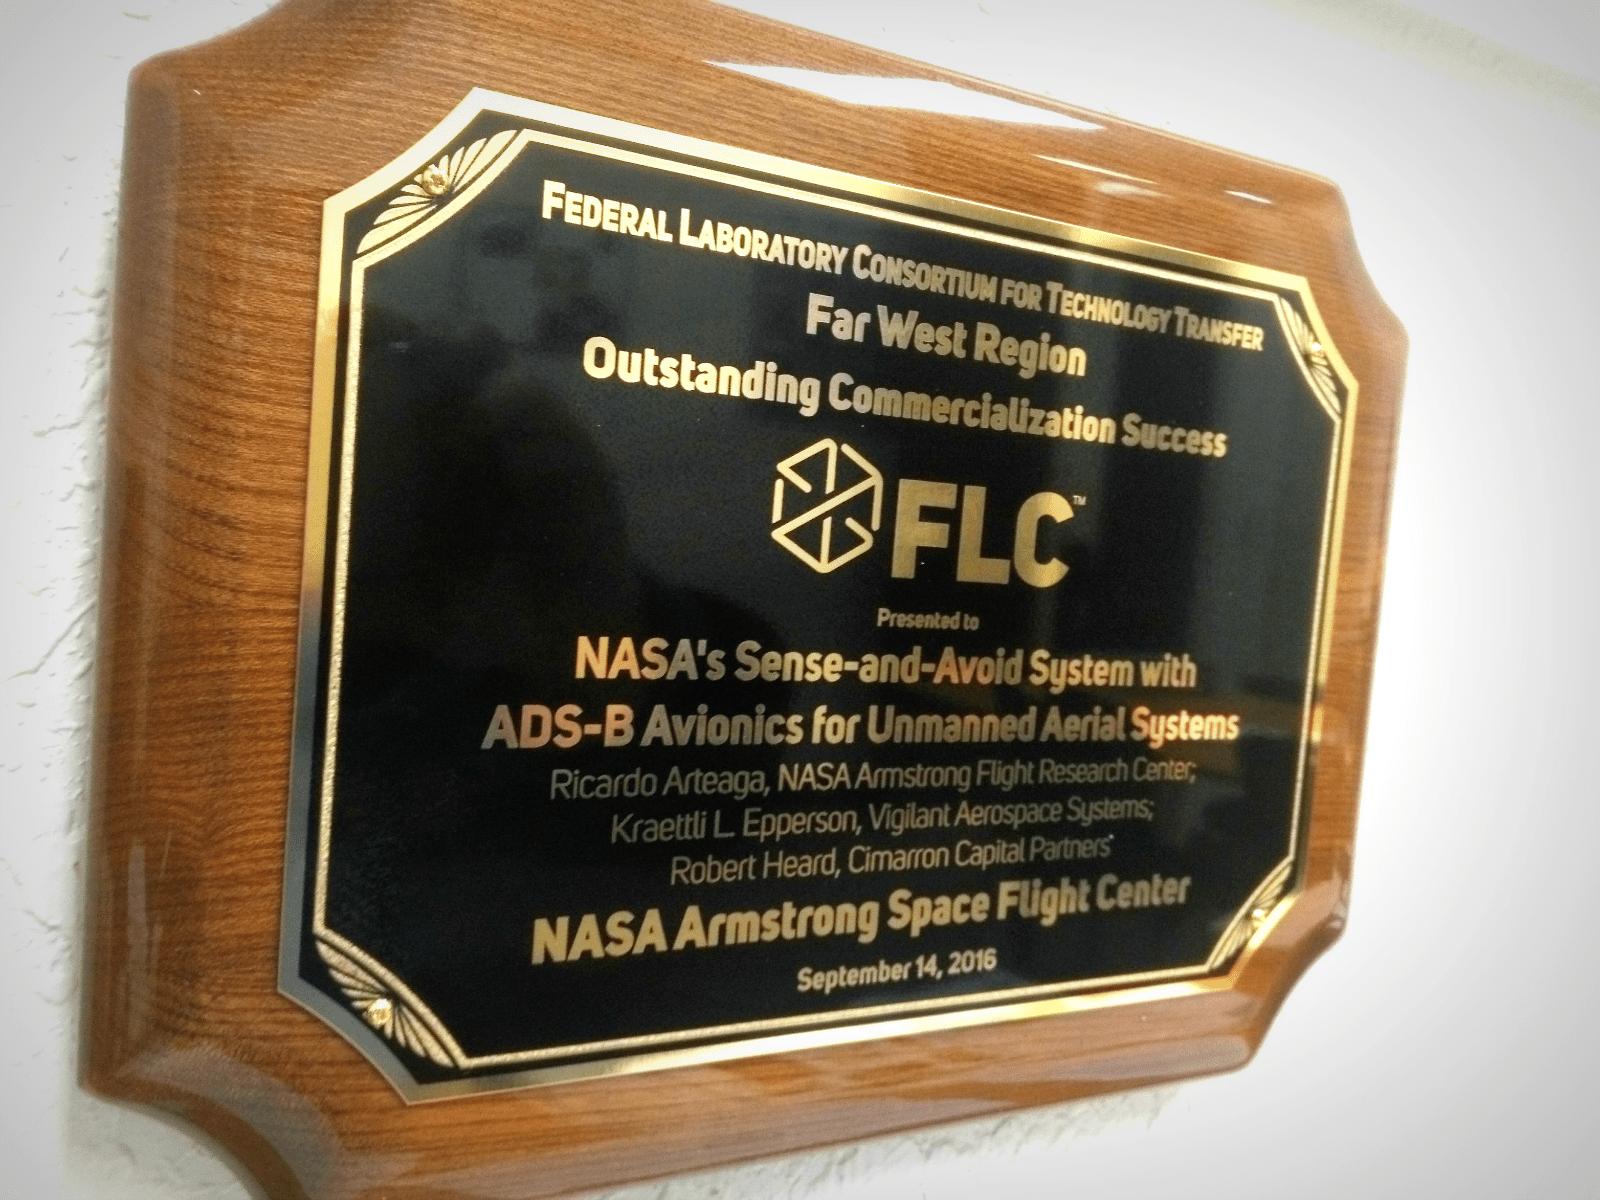 2016-flc-oustanding-commercialization-success-plaque_vigilant-aerospace